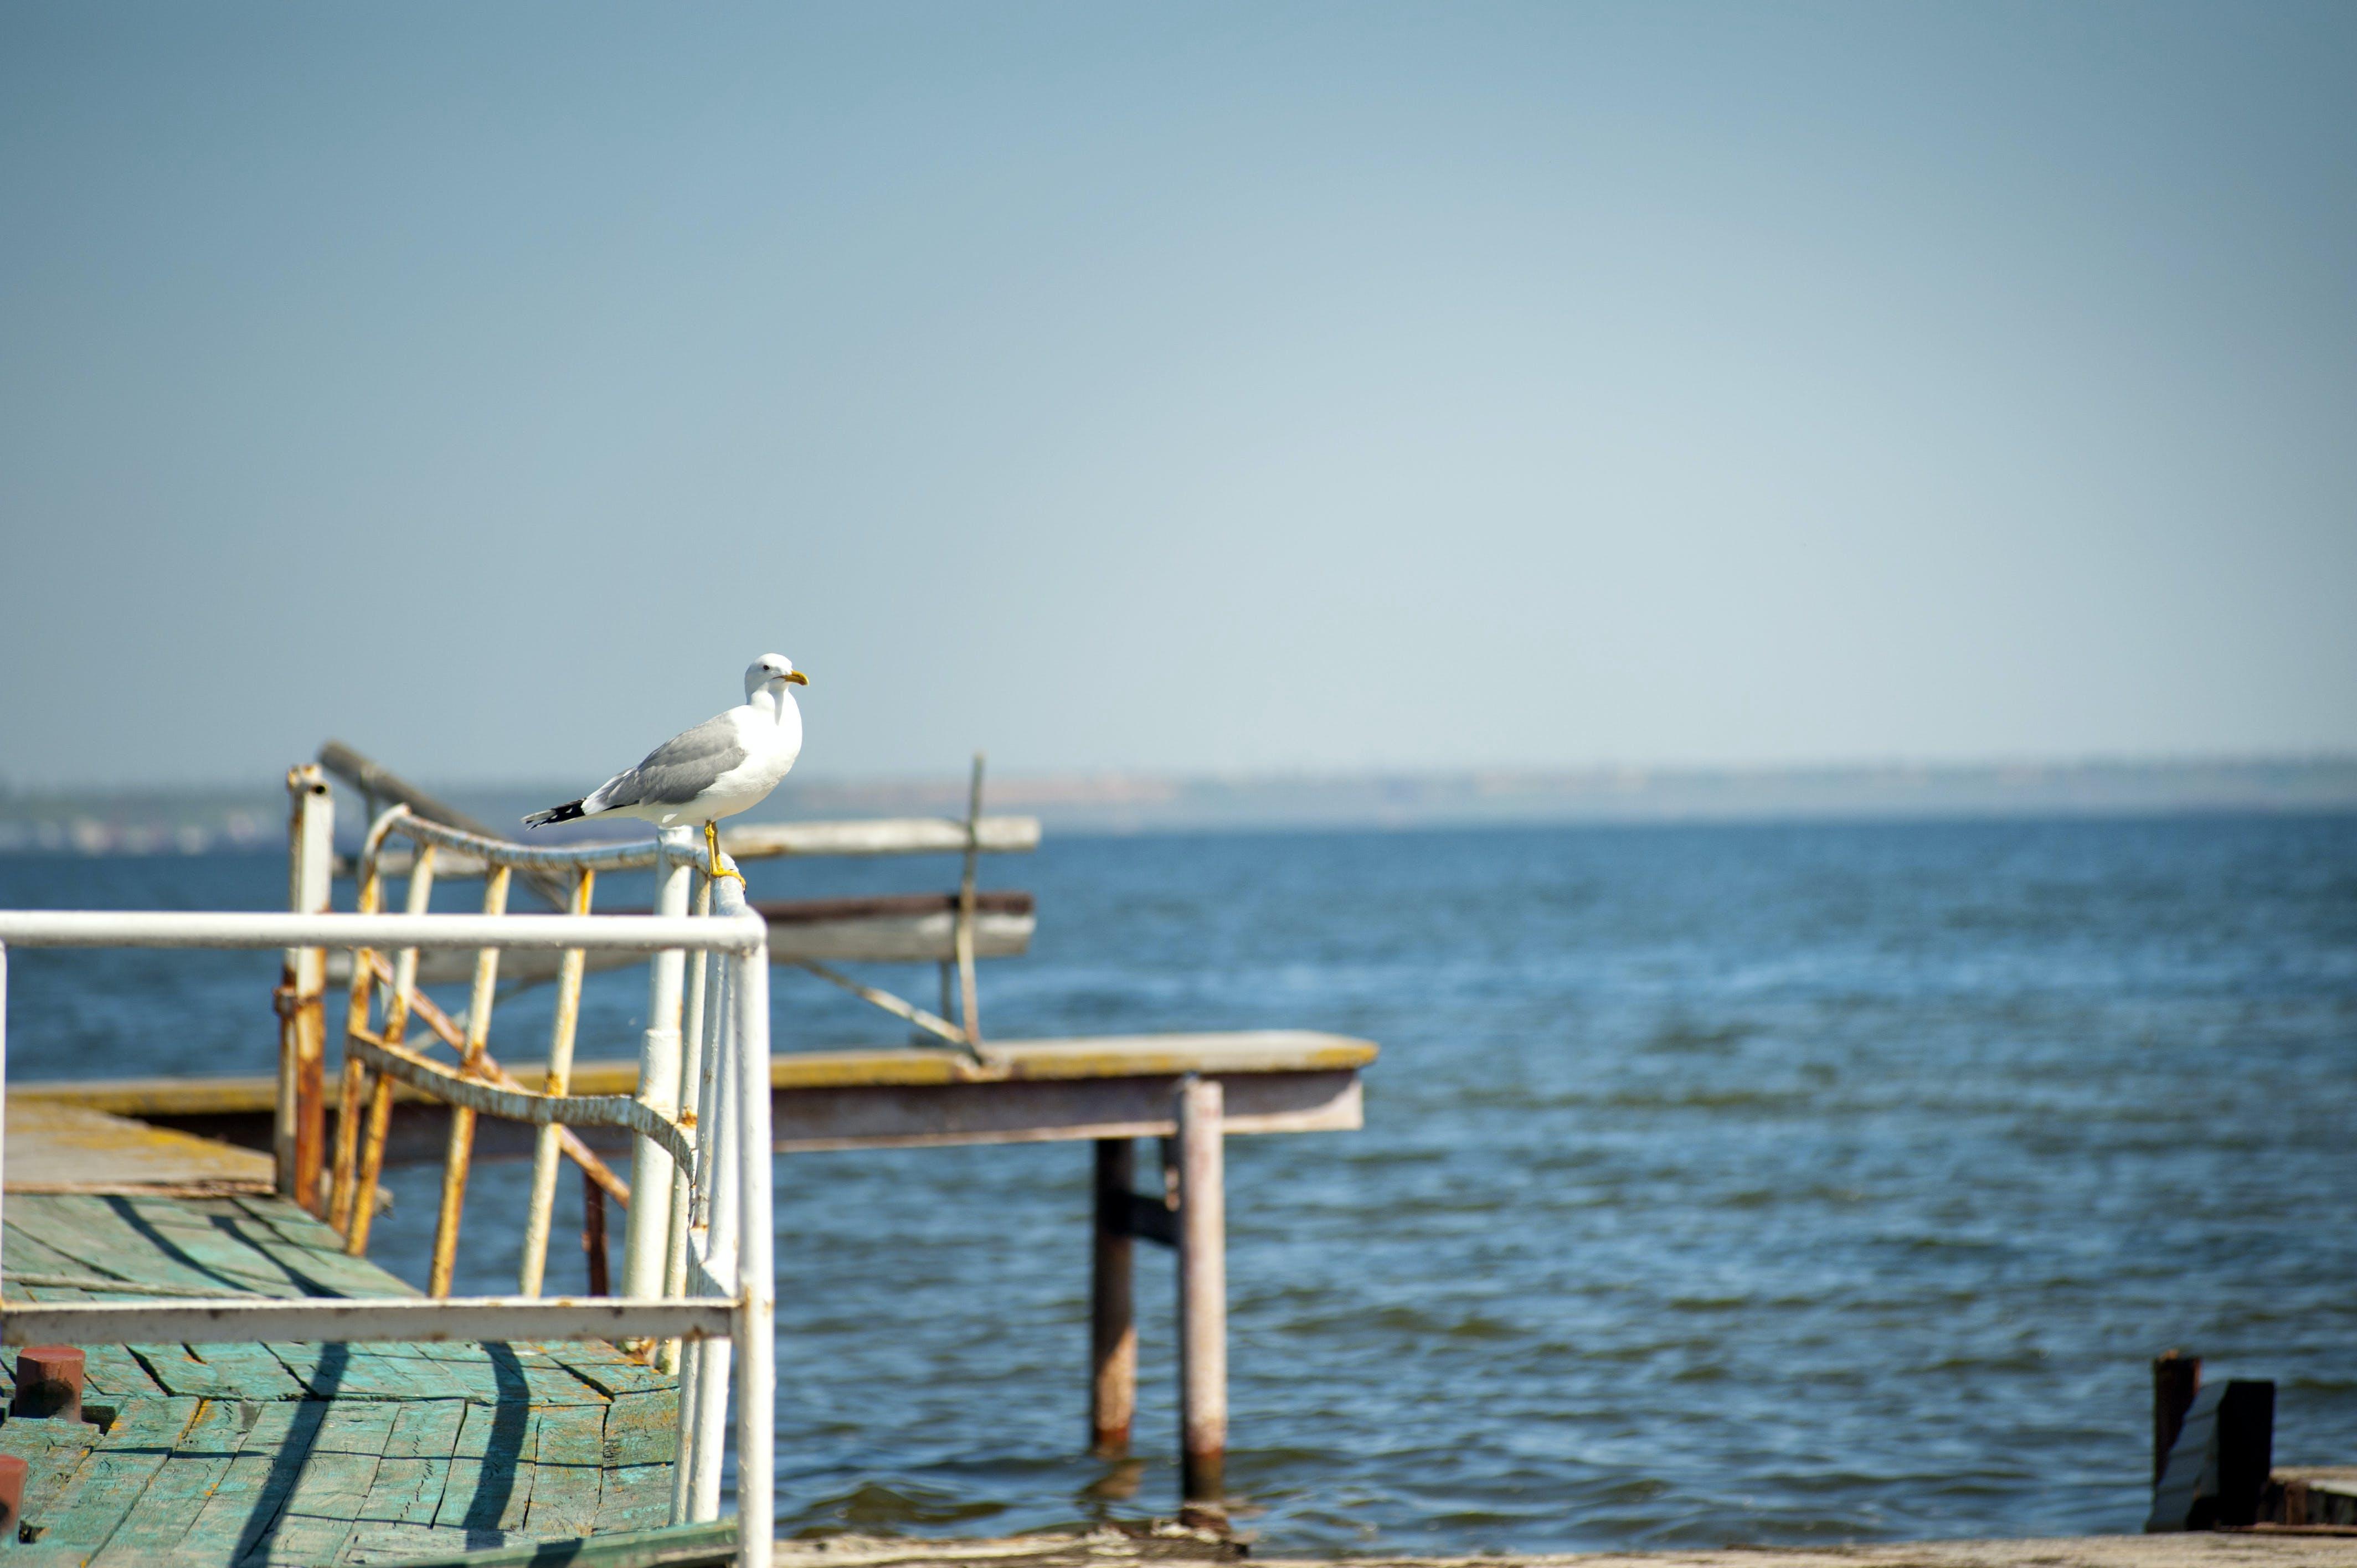 boş zaman, deniz, deniz kıyısı, gün ışığı içeren Ücretsiz stok fotoğraf